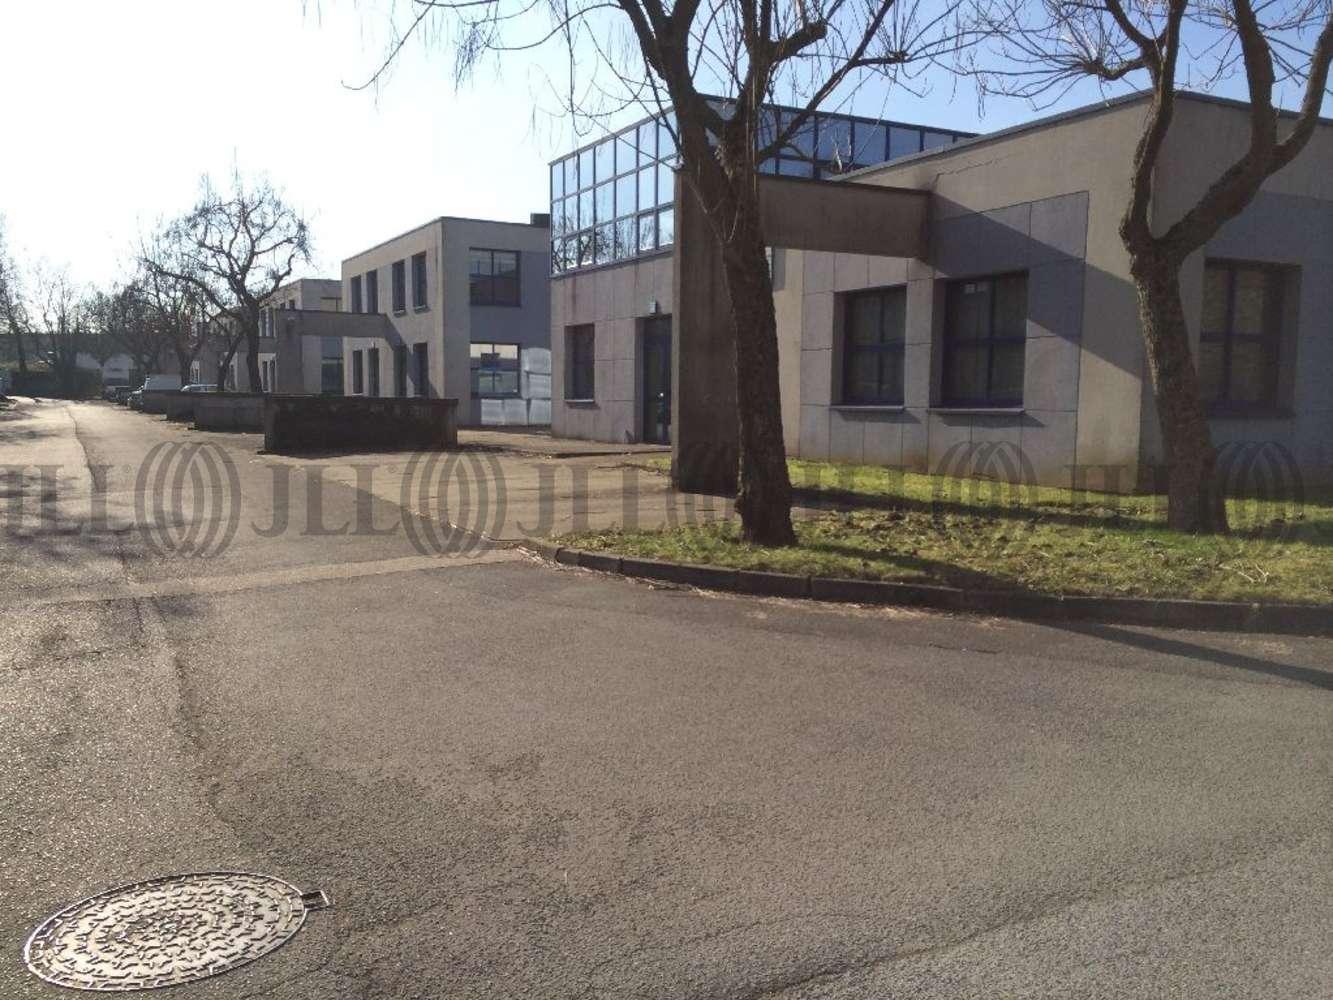 Activités/entrepôt Croissy beaubourg, 77183